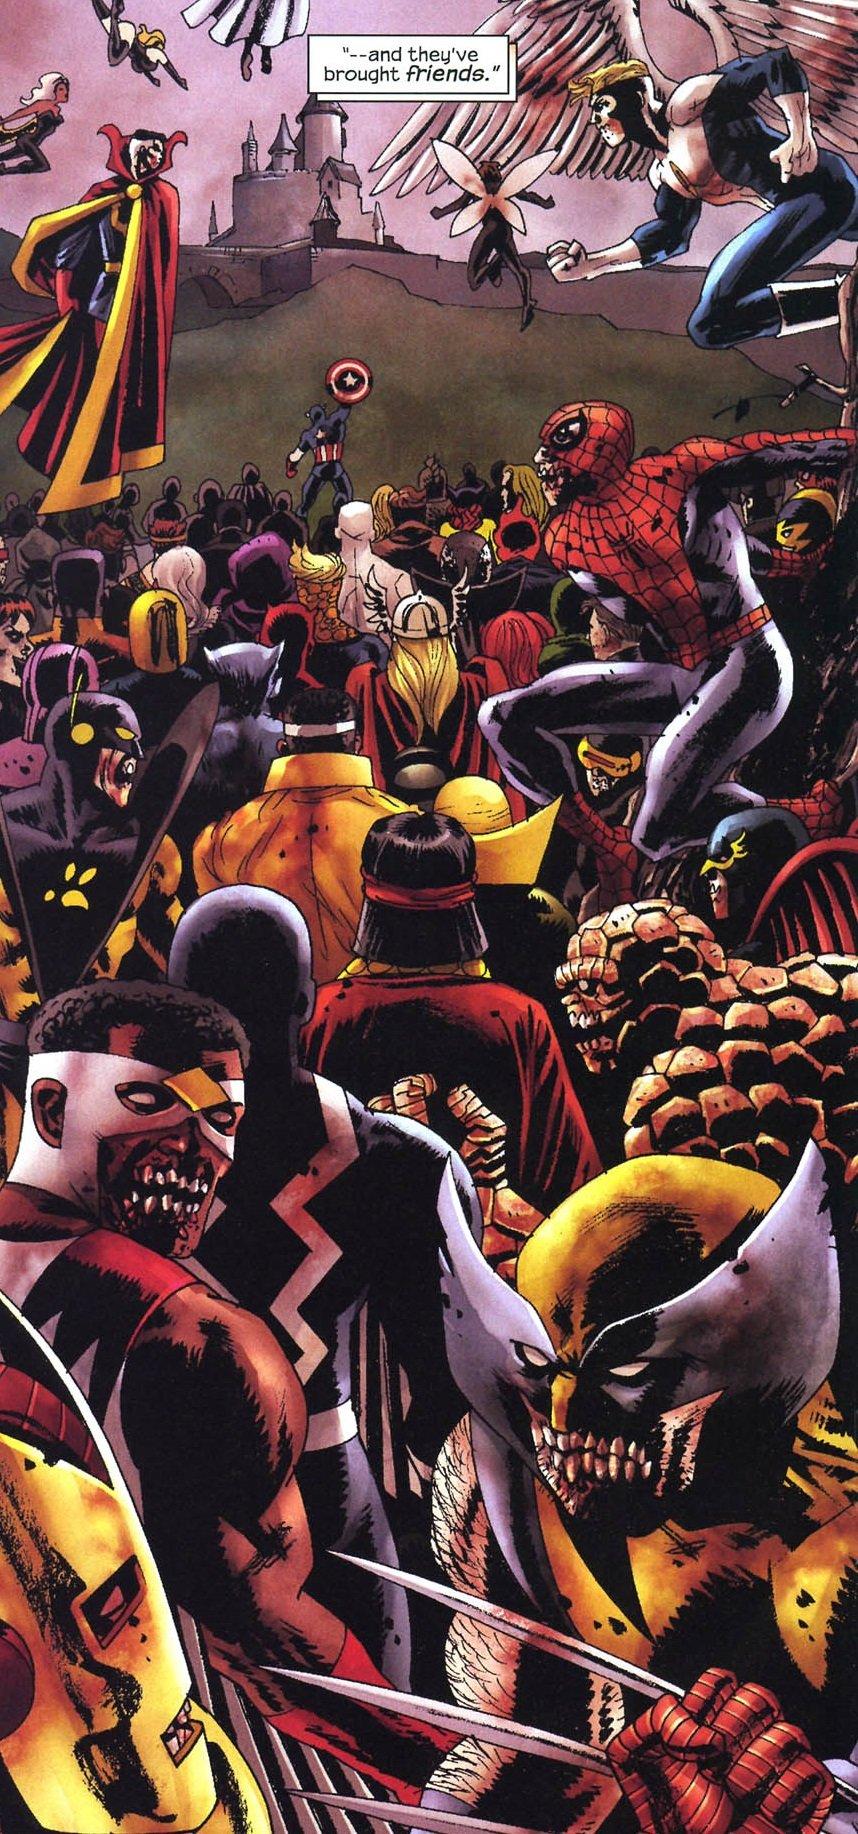 Какие комиксы почитать вожидании «Ходячих мертвецов»? Жесть, 18+ | Канобу - Изображение 3